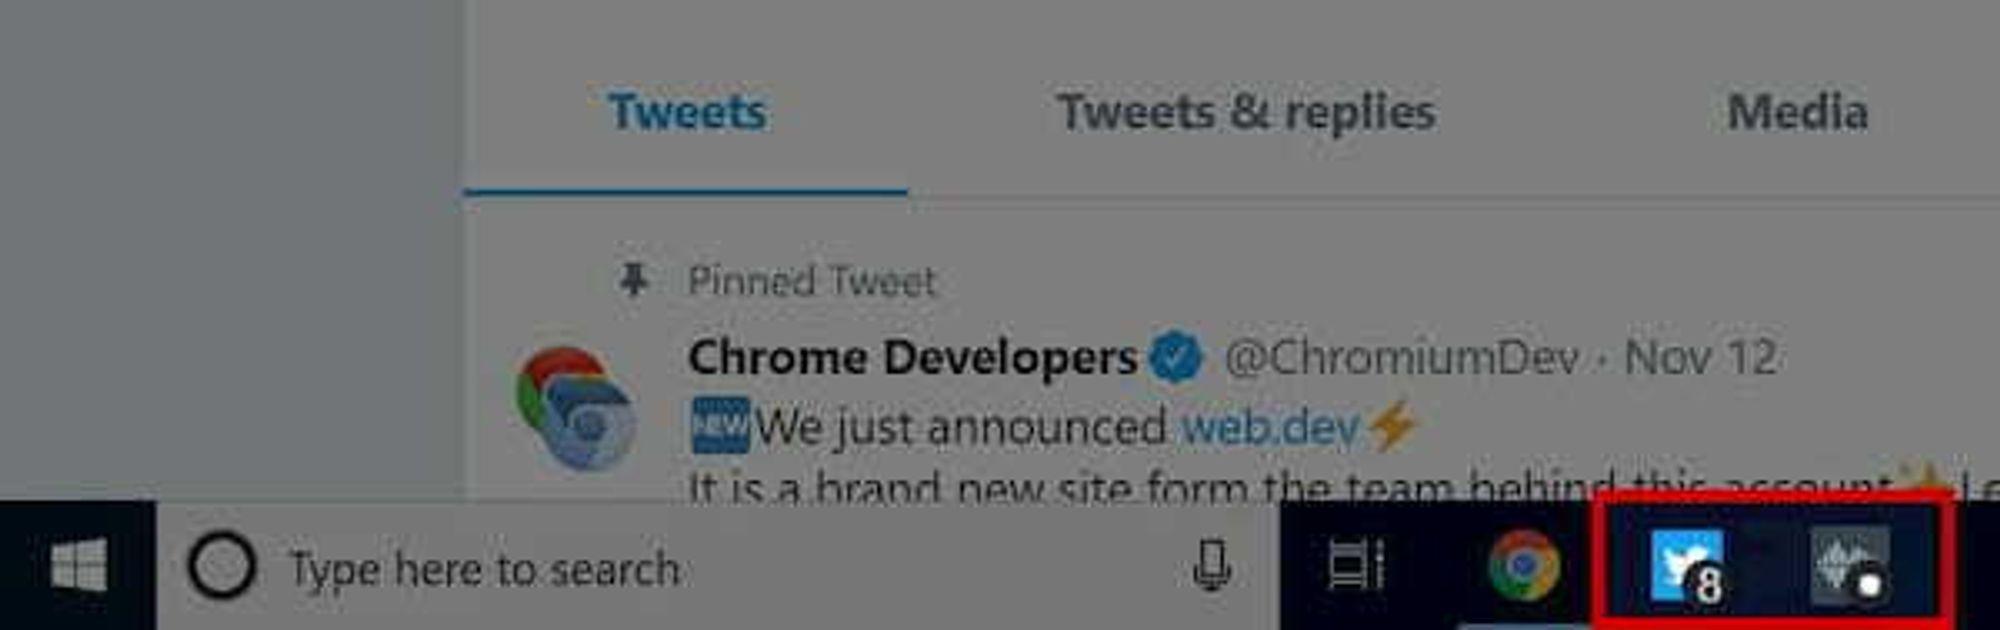 Ikonvarsler i Chrome-baserte webapplikasjoner i Windows.